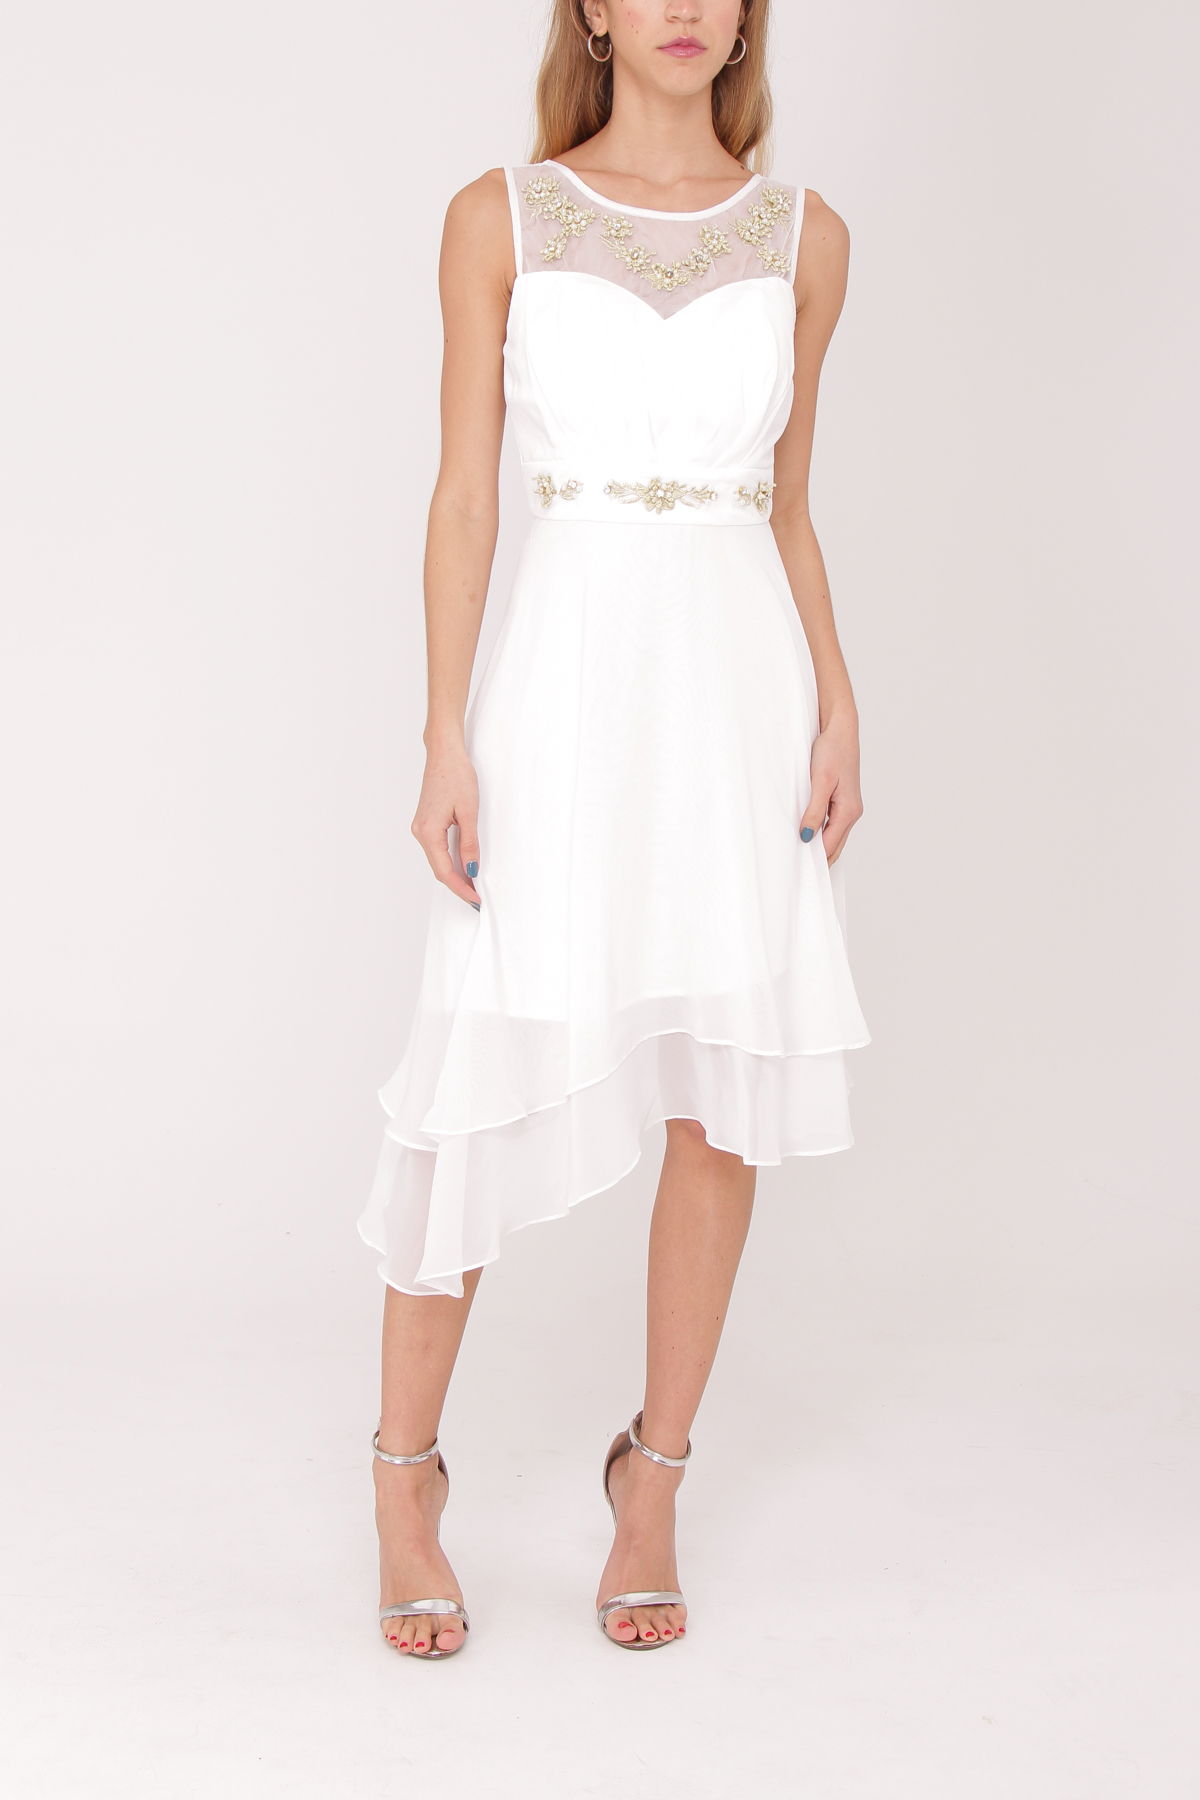 robe de cocktail blanche mi longue ASHWI asm2915 blanc S au 2XL